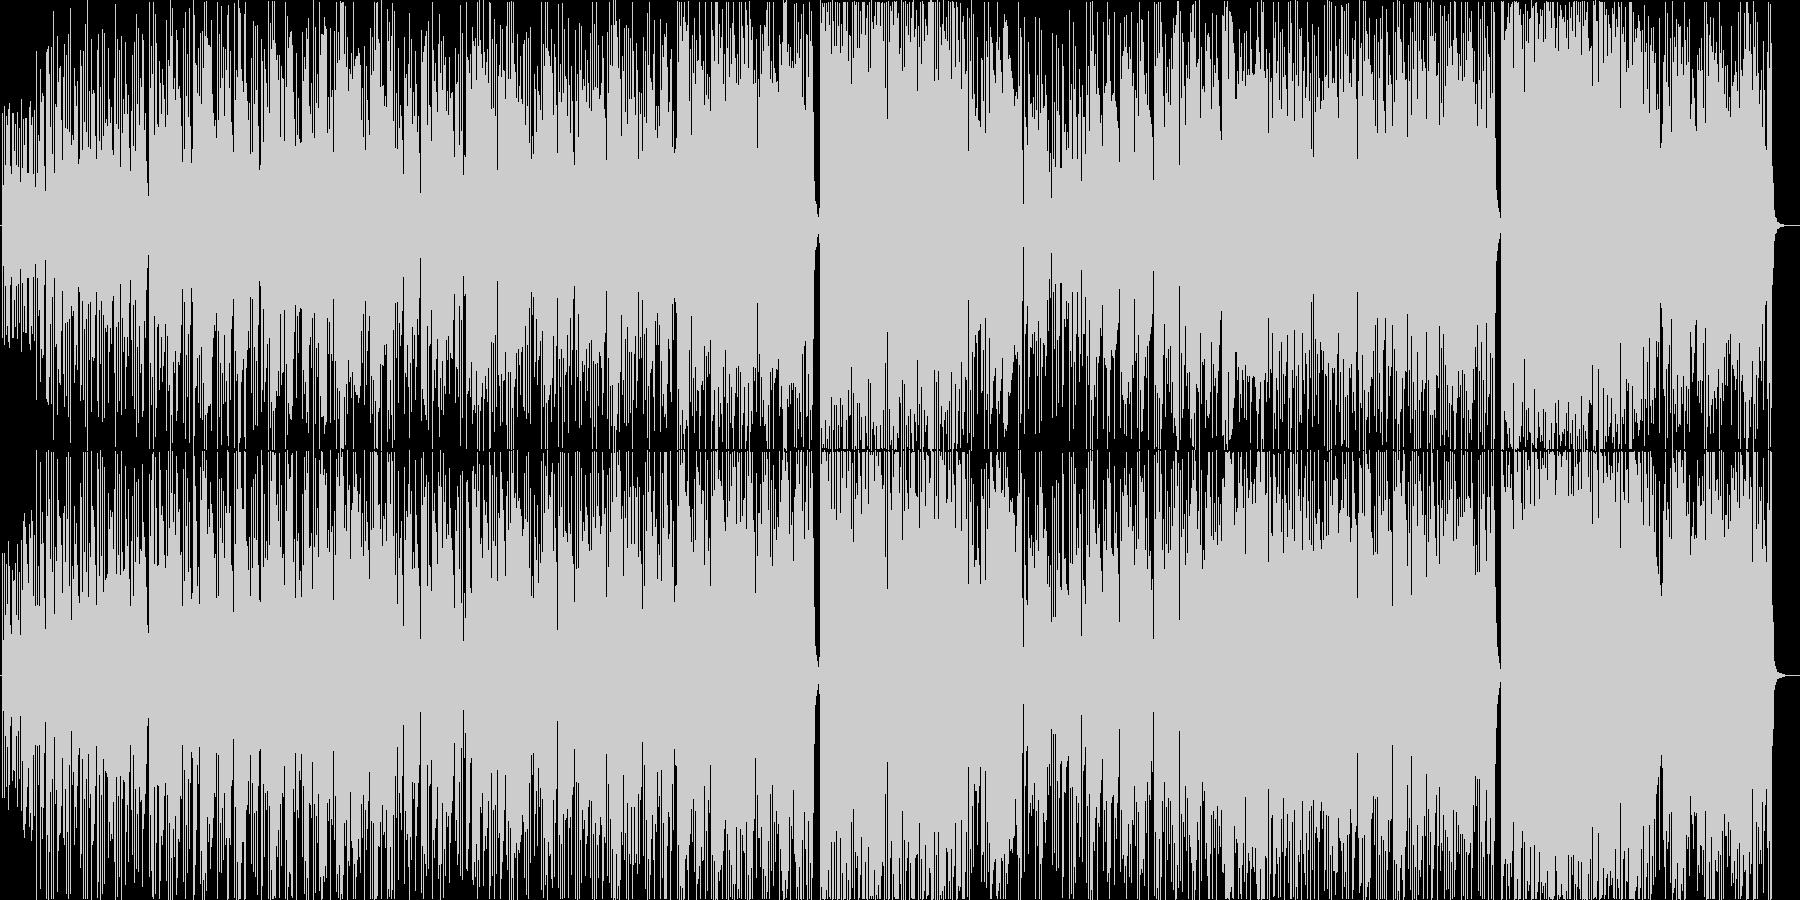 シンセピコピコの南国レゲエな生ギターメロの未再生の波形